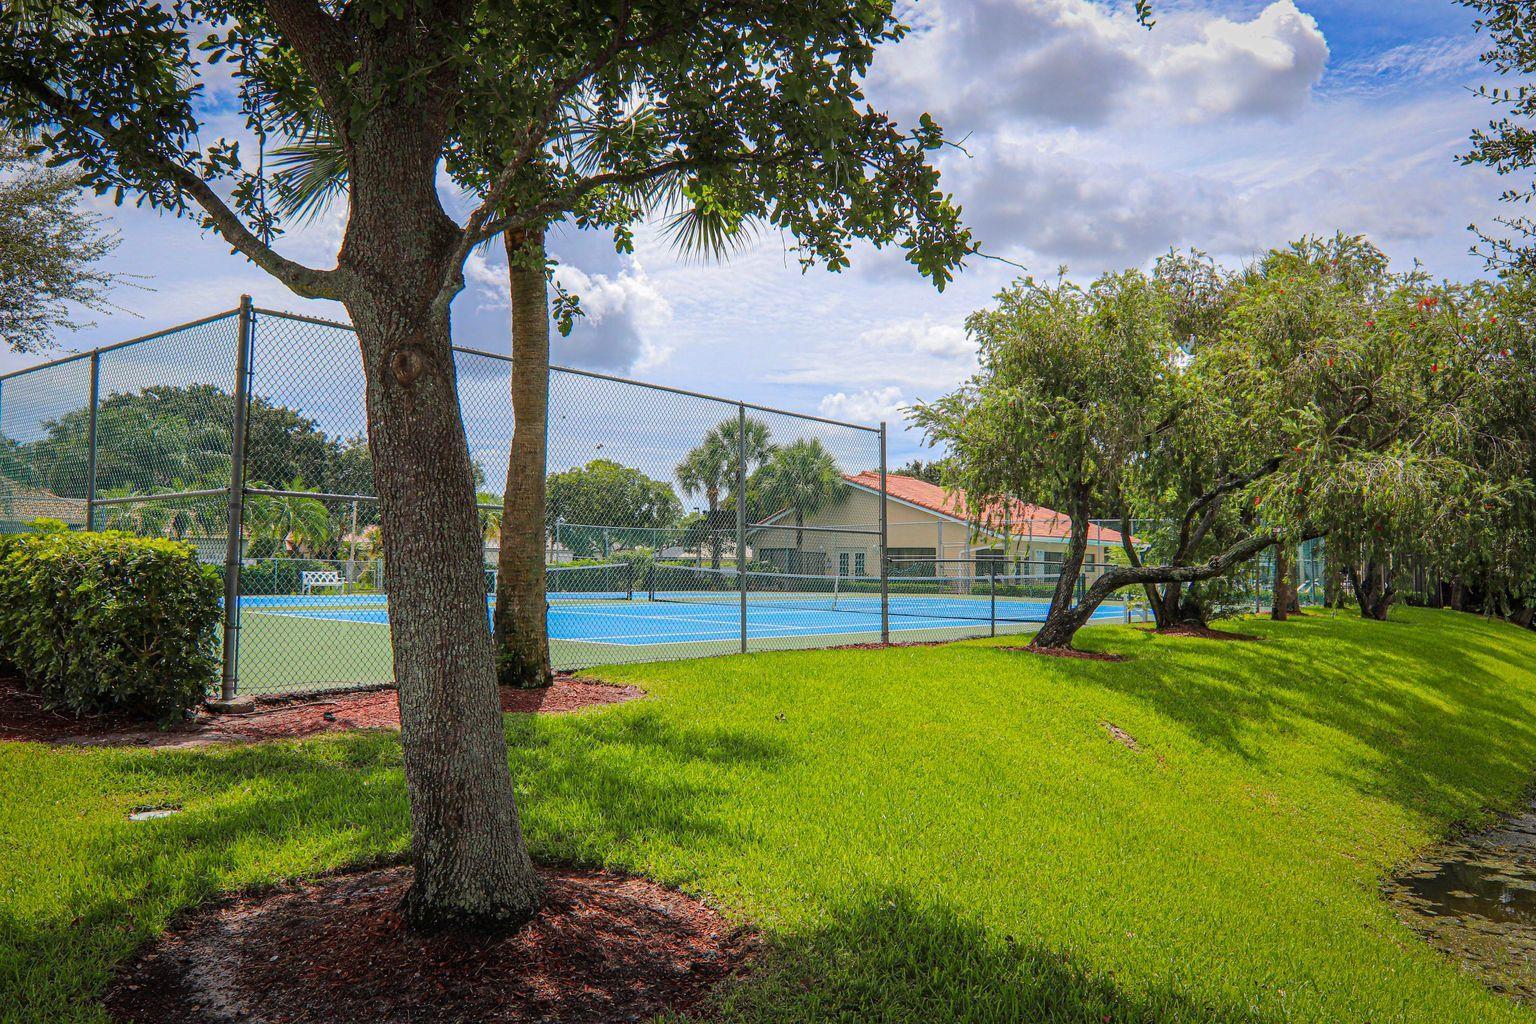 211 Citrus Trail - 33436 - FL - Boynton Beach